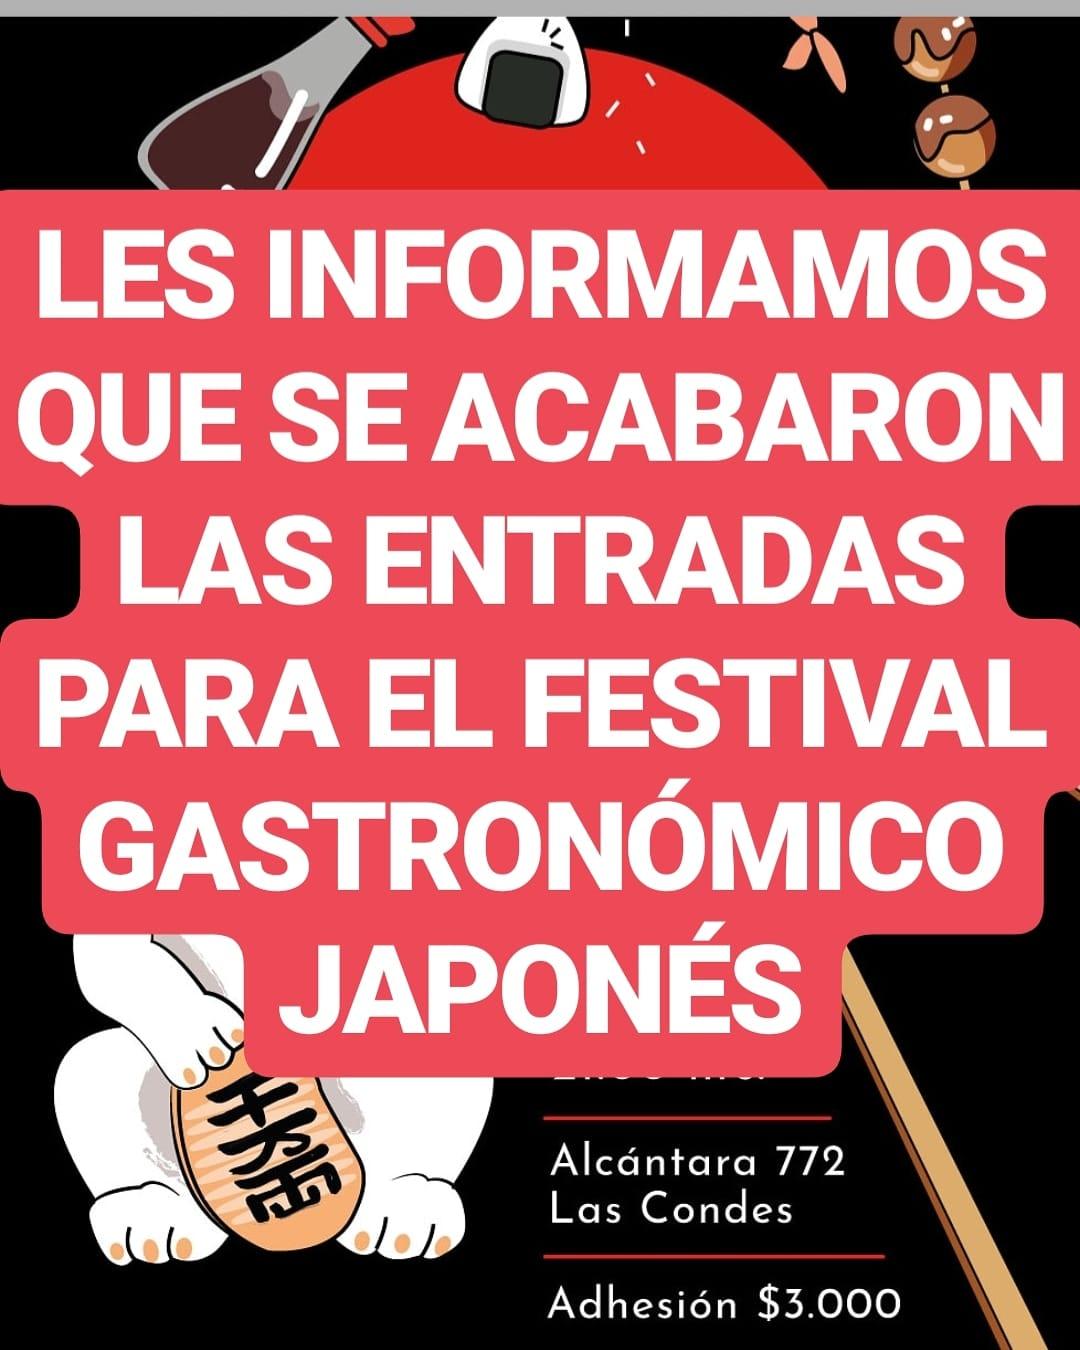 Festival Gastronómico Japonés 2018